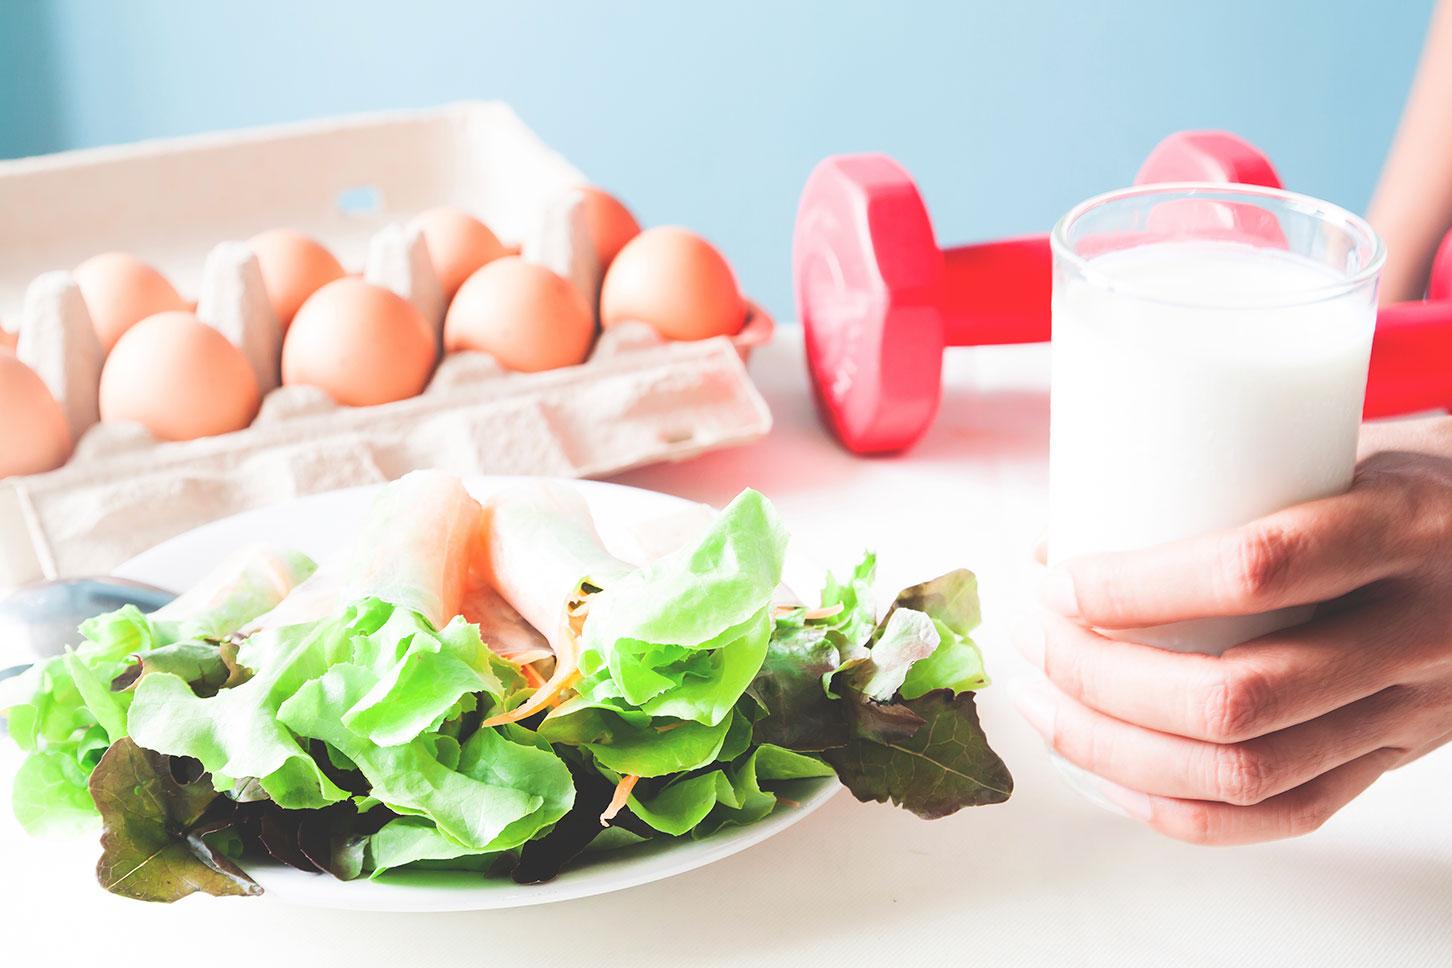 Яйца С Кефиром Похудение. Диета на яйцах и кефире: особенности похудения и меню